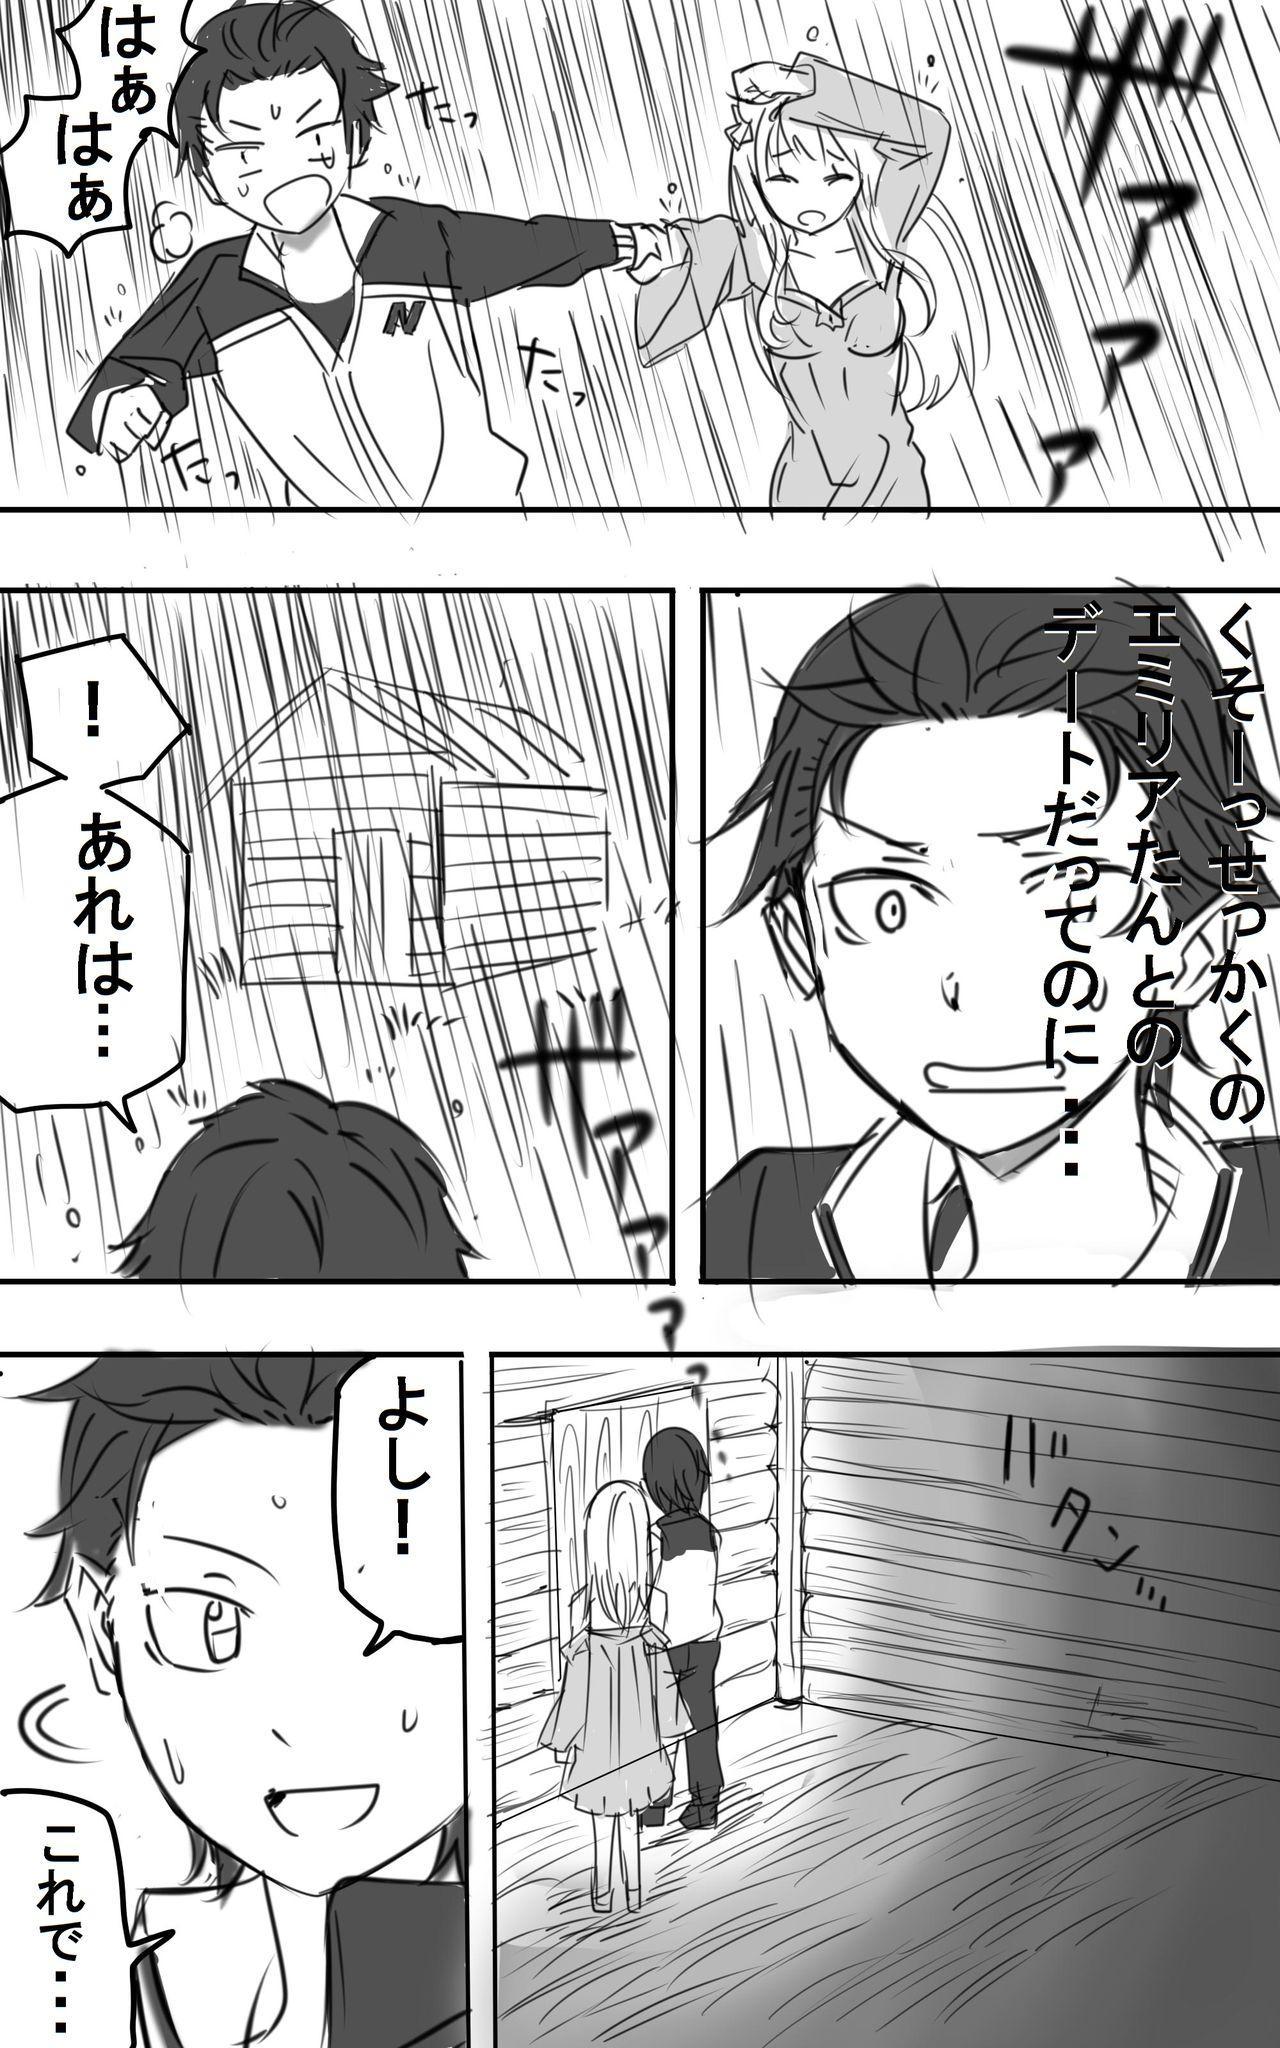 [NIJI-TERU] Emilia-tan to Sugooku Sex Sono 1-10 (Re:Zero kara Hajimeru Isekai Seikatsu) 2